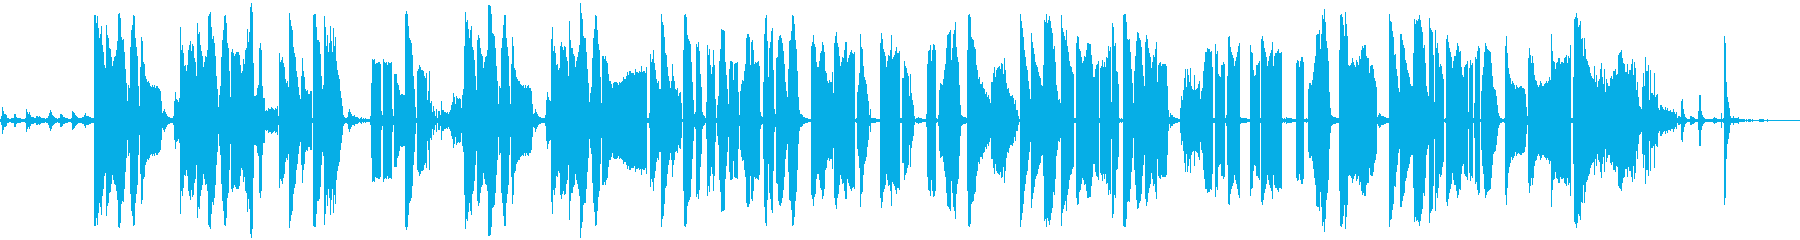 ジングルスメルズ(ラジオ編集)、漫...の再生済みの波形